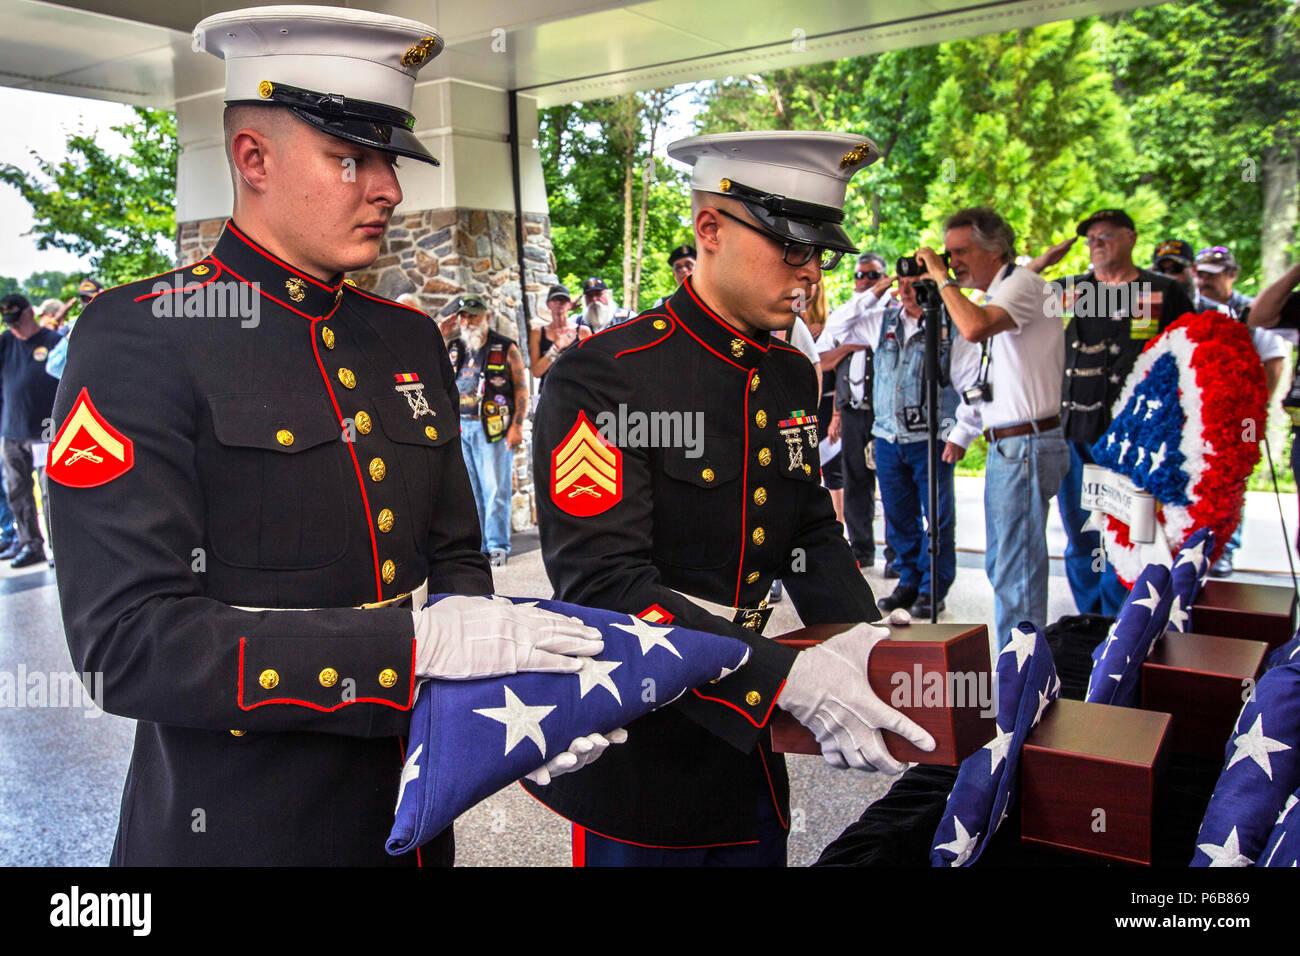 Us Marine Corps Sgt. Gregory Perez, rechts, legt eine Urne mit den cremains eines Veterans während Lance Cpl. Tyler Eichman-Cothern hält eine amerikanische Flagge während der 29 New Jersey Mission der Ehre (NJMOH) Zeremonie an der Brigadier General William C. Doyle Veterans Memorial Friedhof im Norden Hannovers Township, New Jersey, 21. Juni 2018. Die cremains von eine Welt krieg ich Veteran Joseph S. Bey, zwei Weltkriegveterane Arthur L. Hodges und James C. Warren, zwei Korean War Veterans Wilbur J. durchbohren und Claude Robinson, drei Vietnam Veteranen Joseph F. Boone jr., Malachia Rich Jr. und Wilbert E.S Stockbild